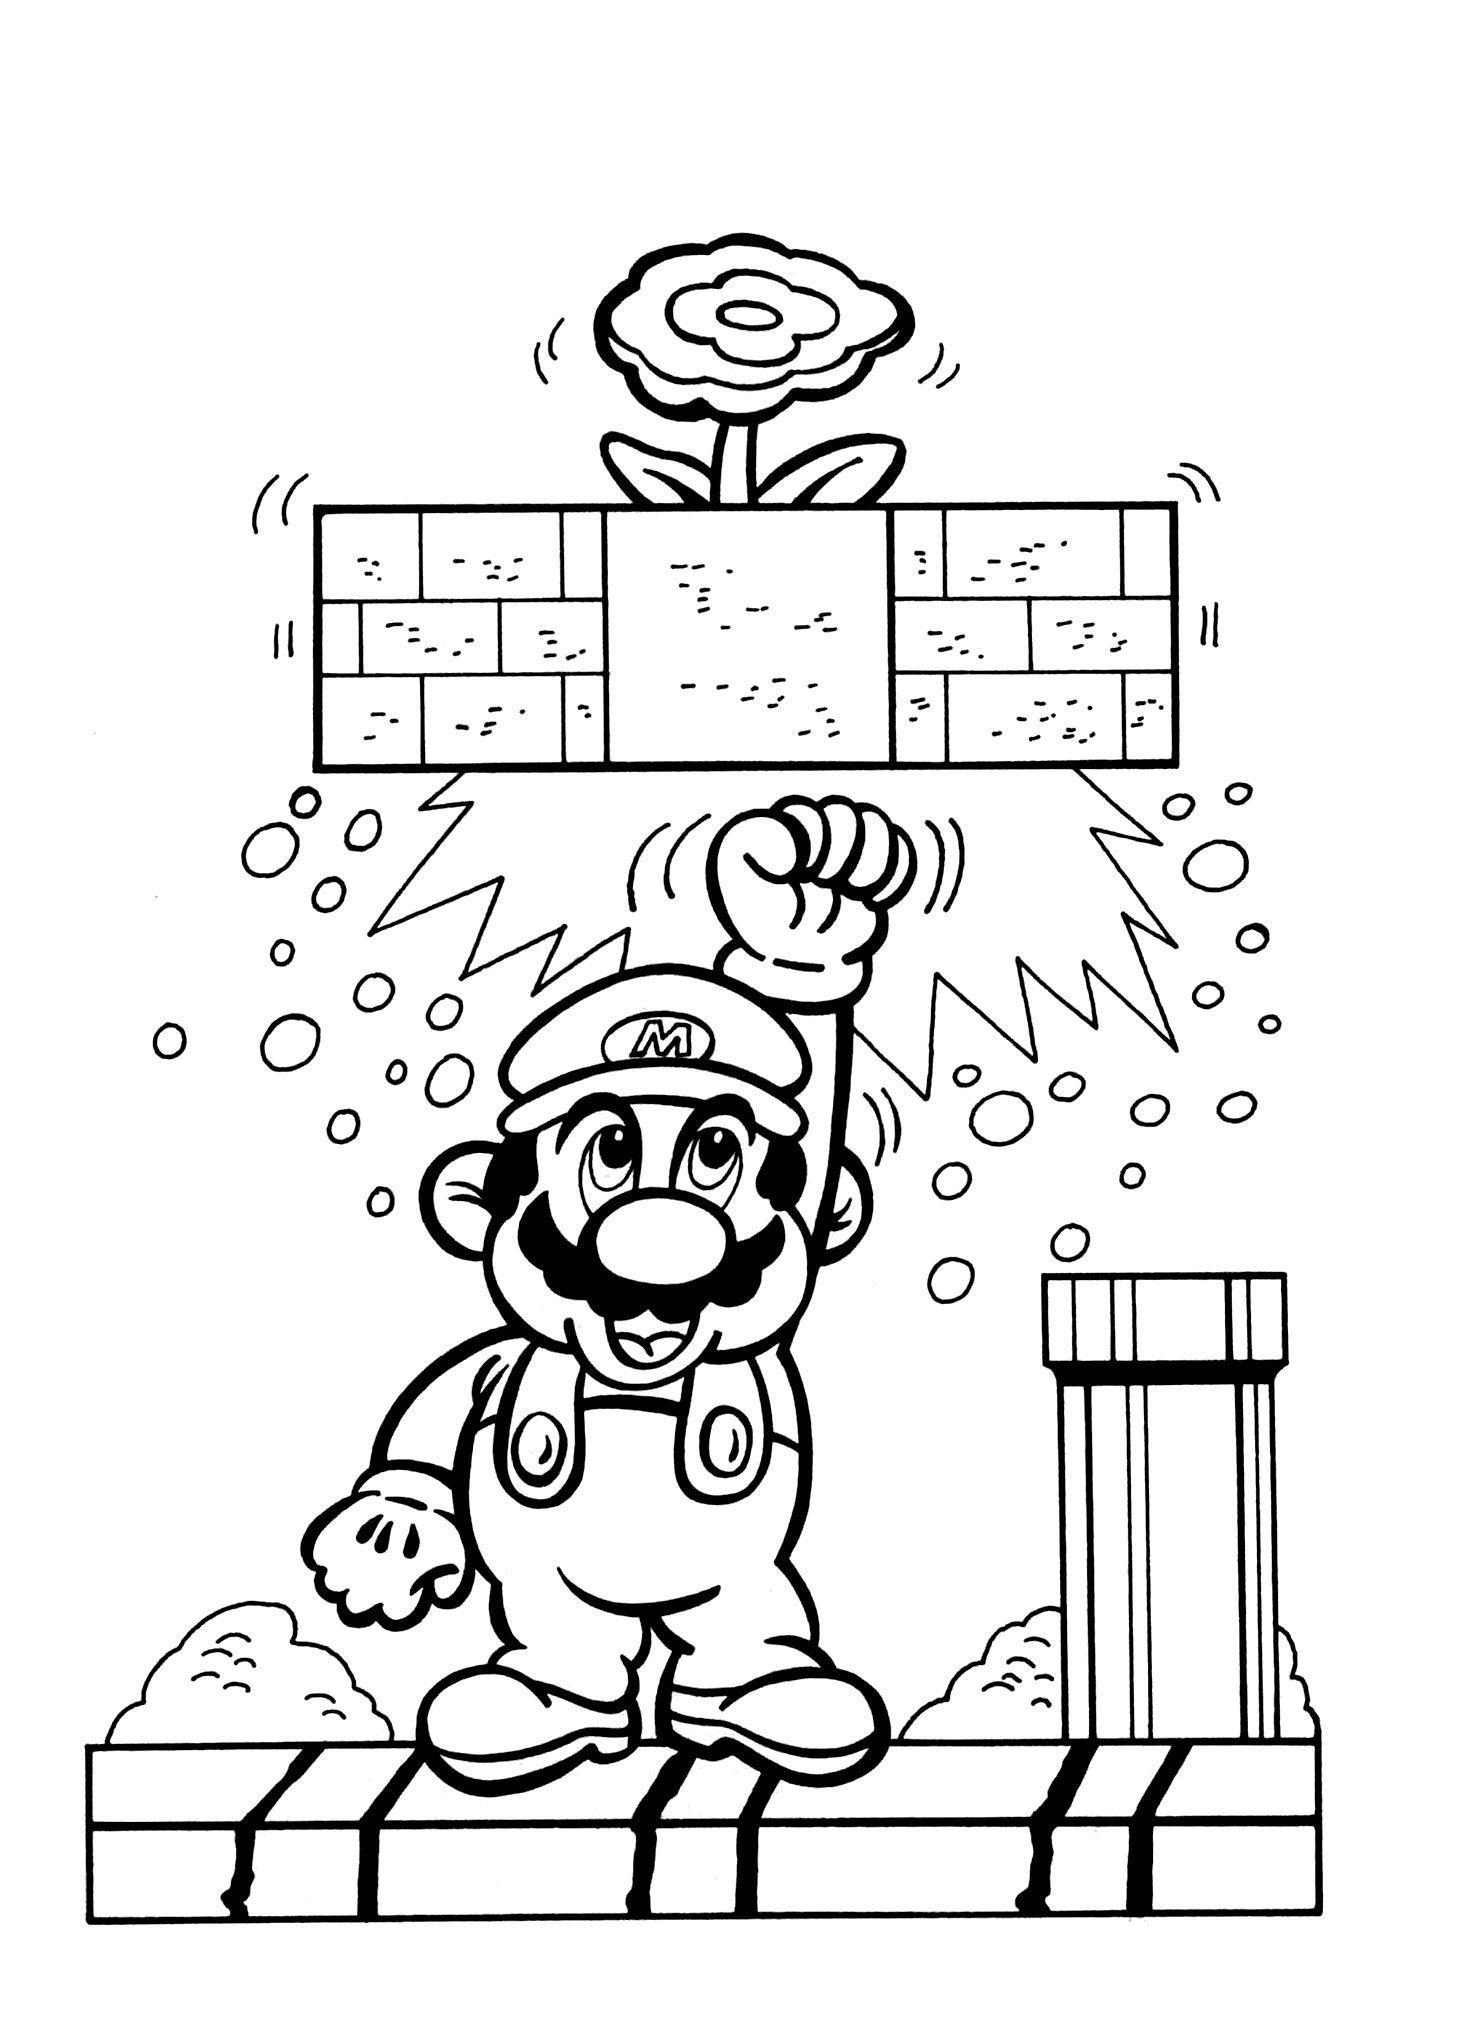 Supermariobros Supermario Coloringbooks Super Mario Coloring Pages Mario Coloring Pages Coloring Books